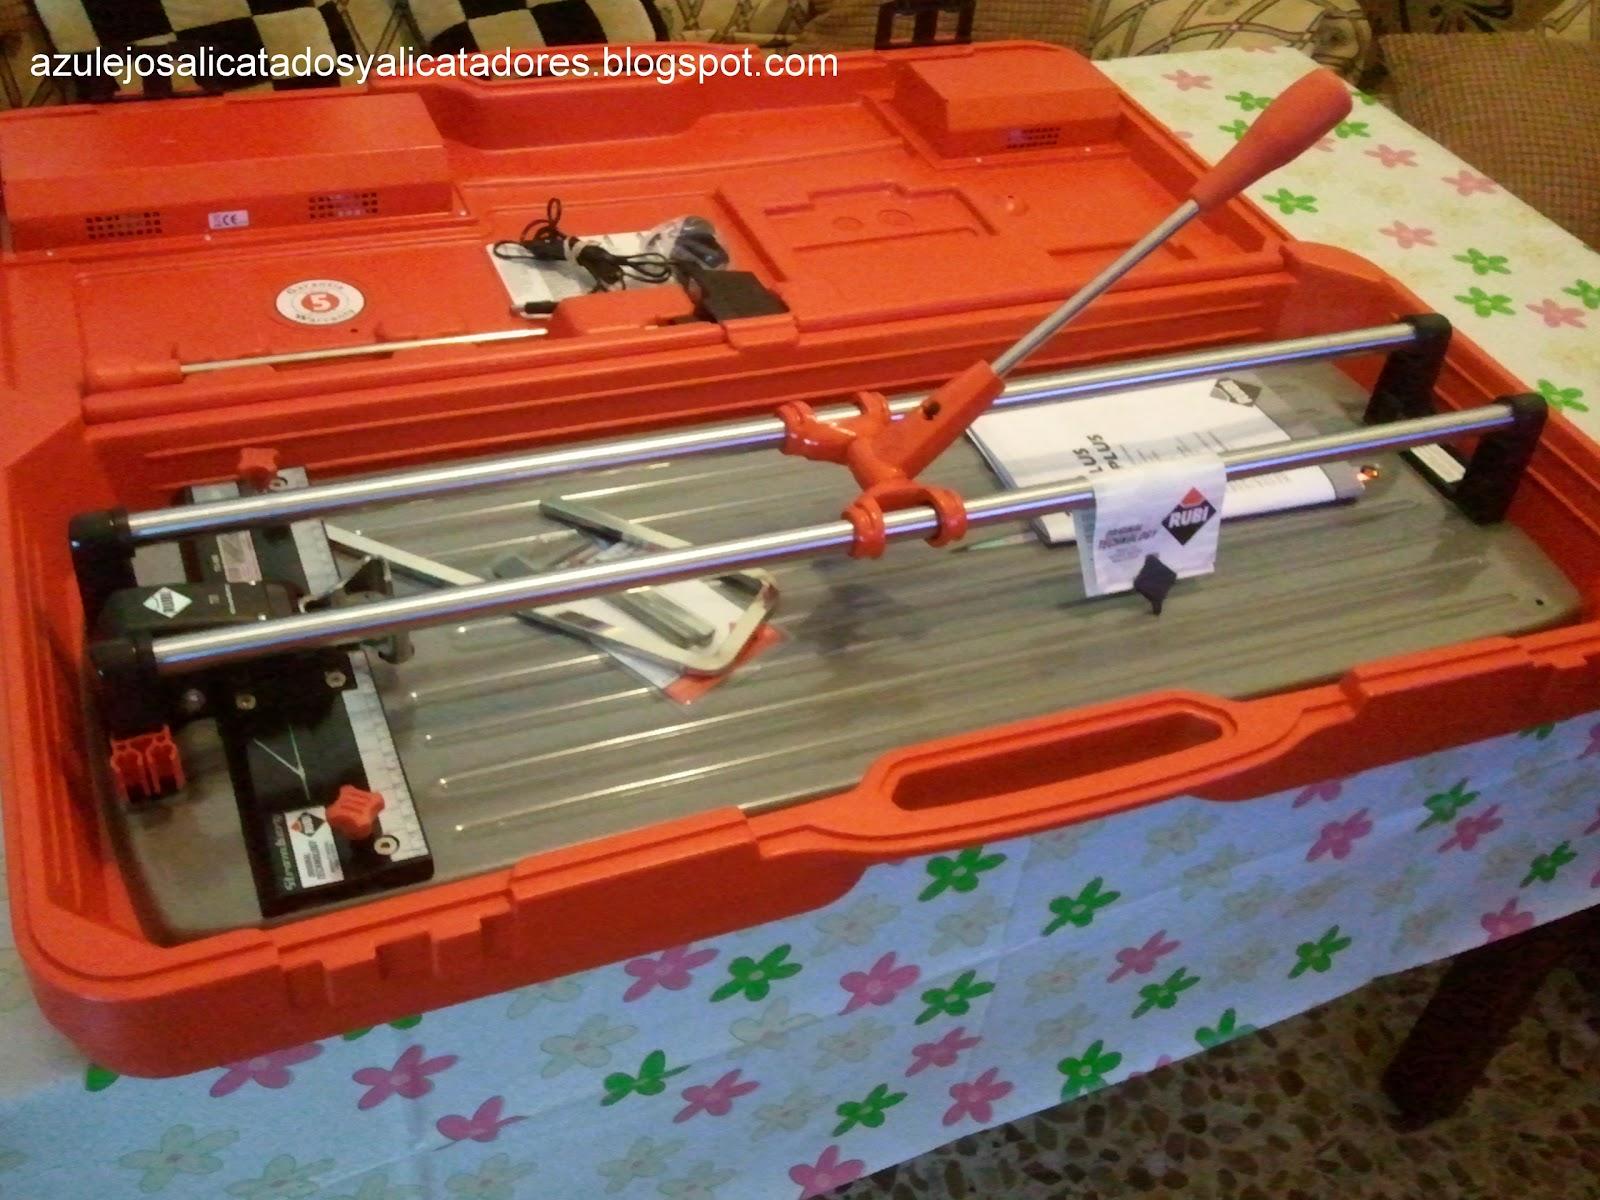 Maquina de cortar azulejos rubi